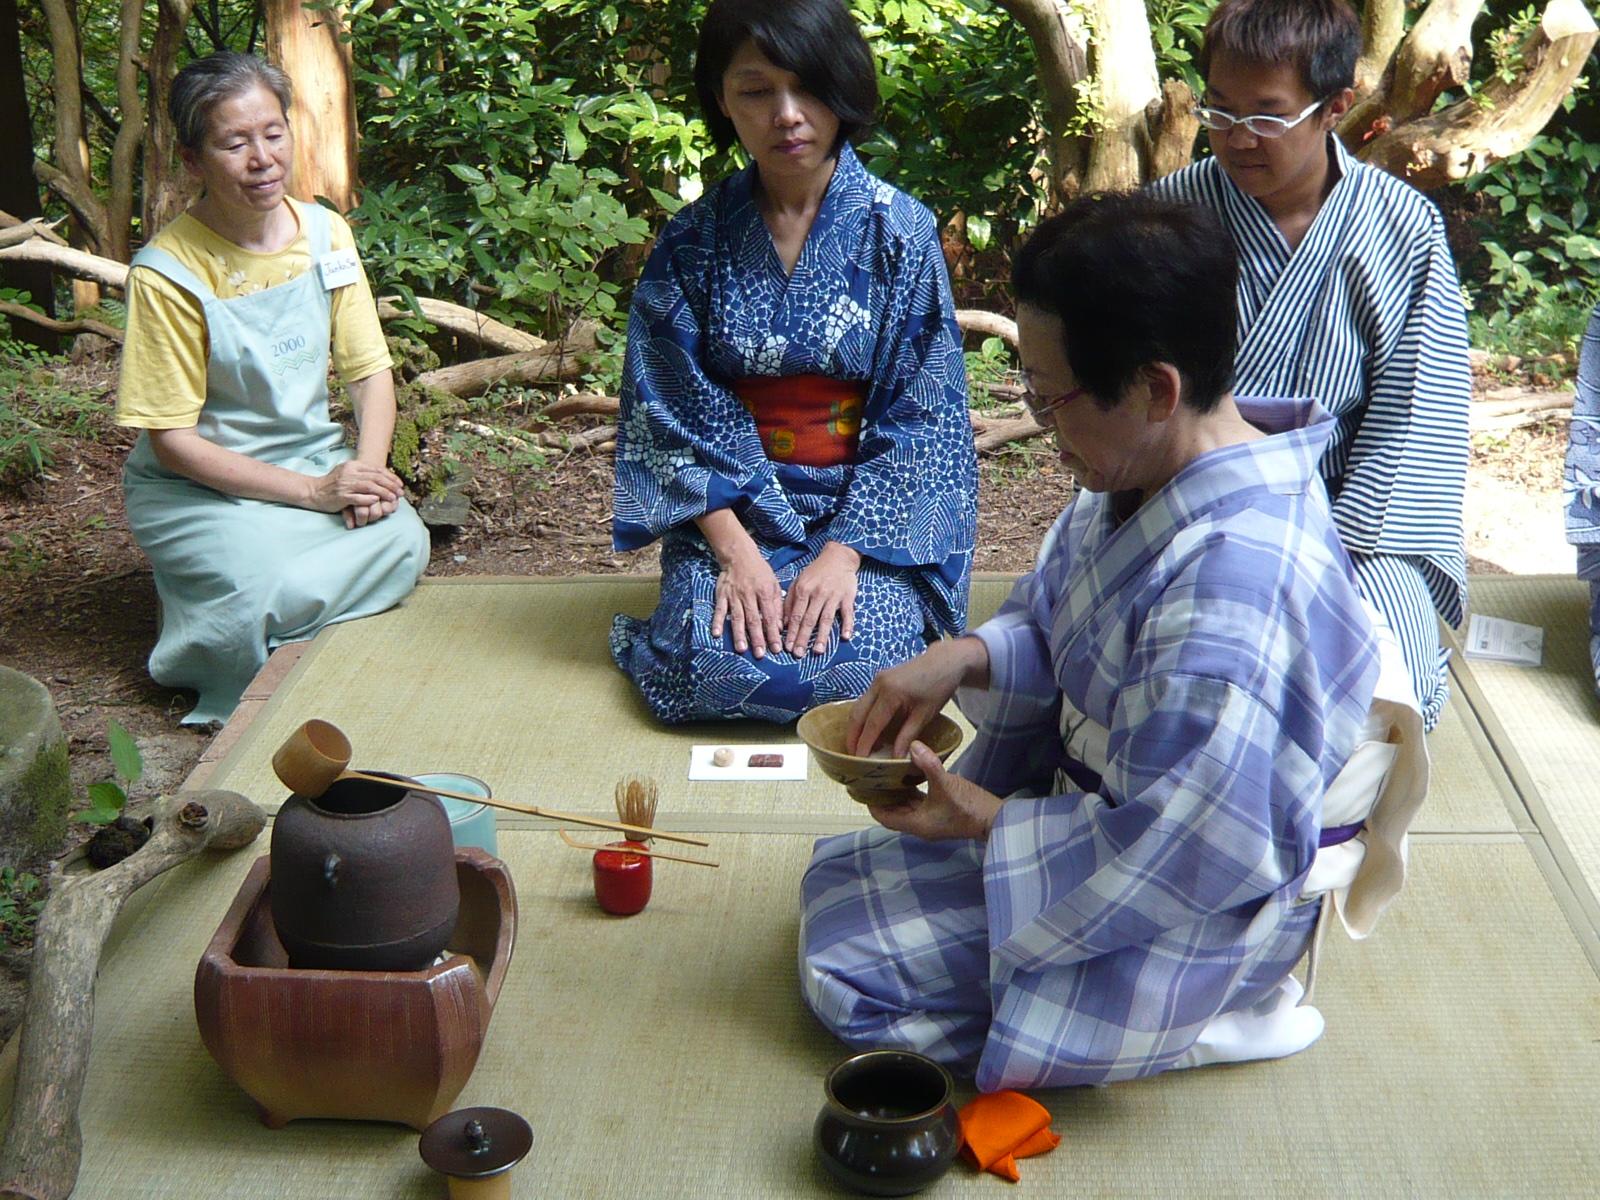 日本神戶六甲山莊工作假期,  志工們坐在剛用勞力完成的平台上, 體驗日本茶道文化